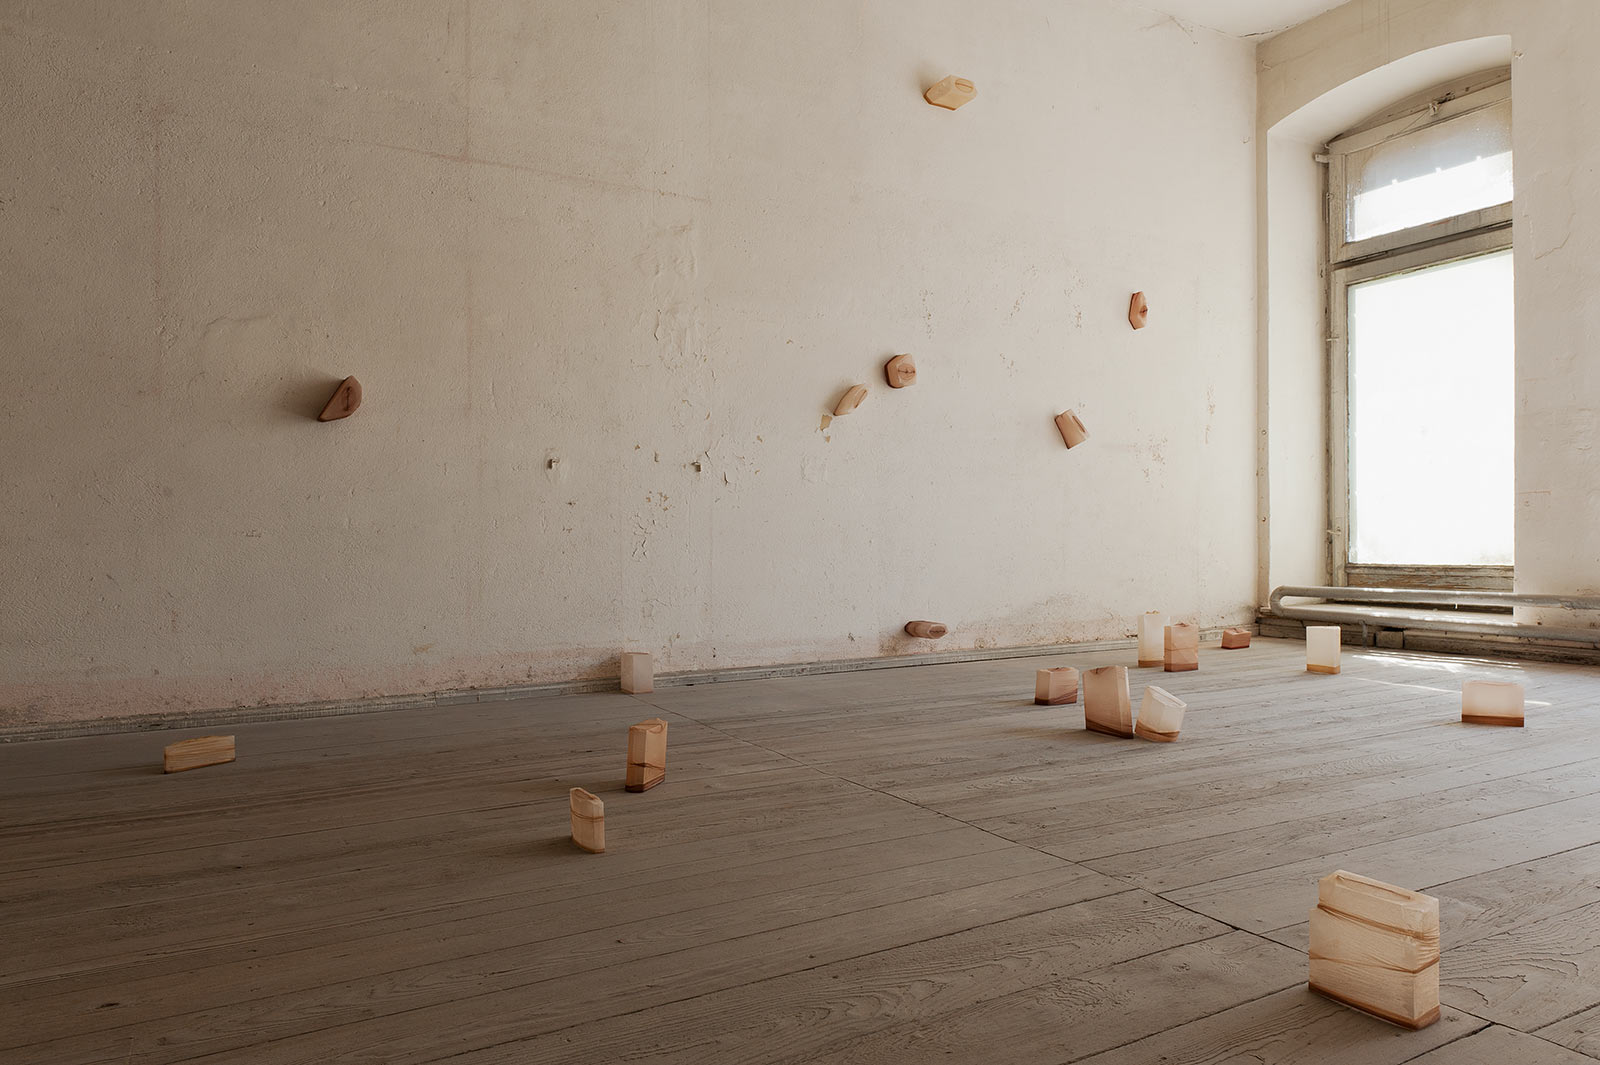 Installationsansicht mit einer Objektinstallation in einem ehemaligen jüdischen Kaufhaus in Görlitz